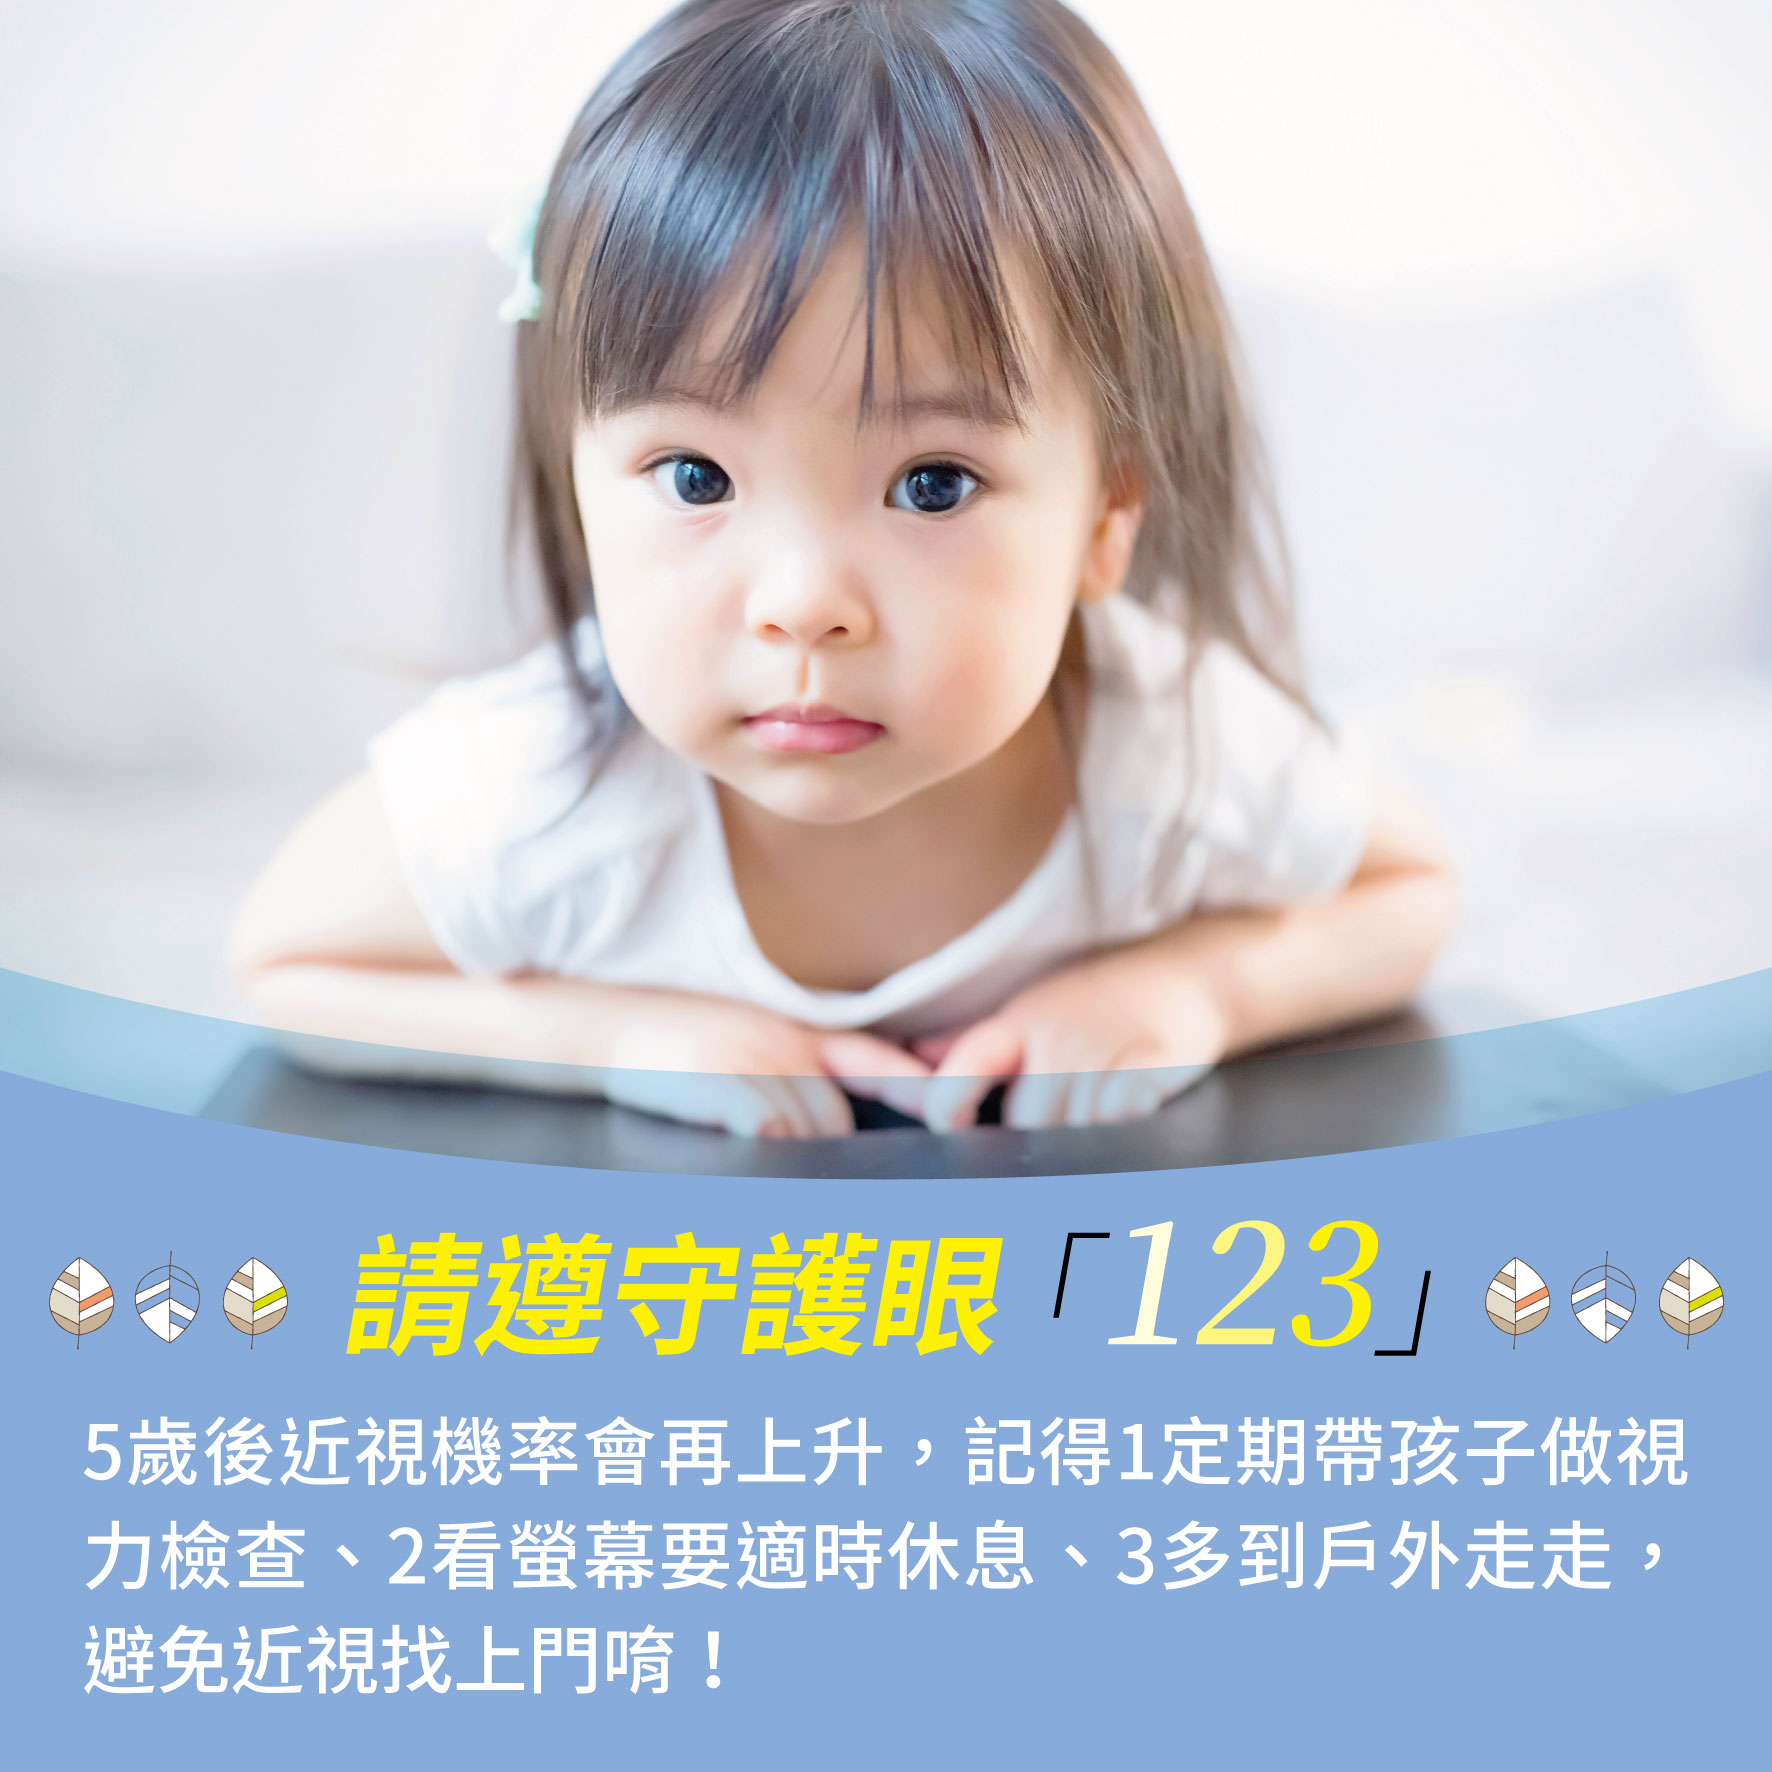 幼兒5歲(第2週)請遵守護眼「123」